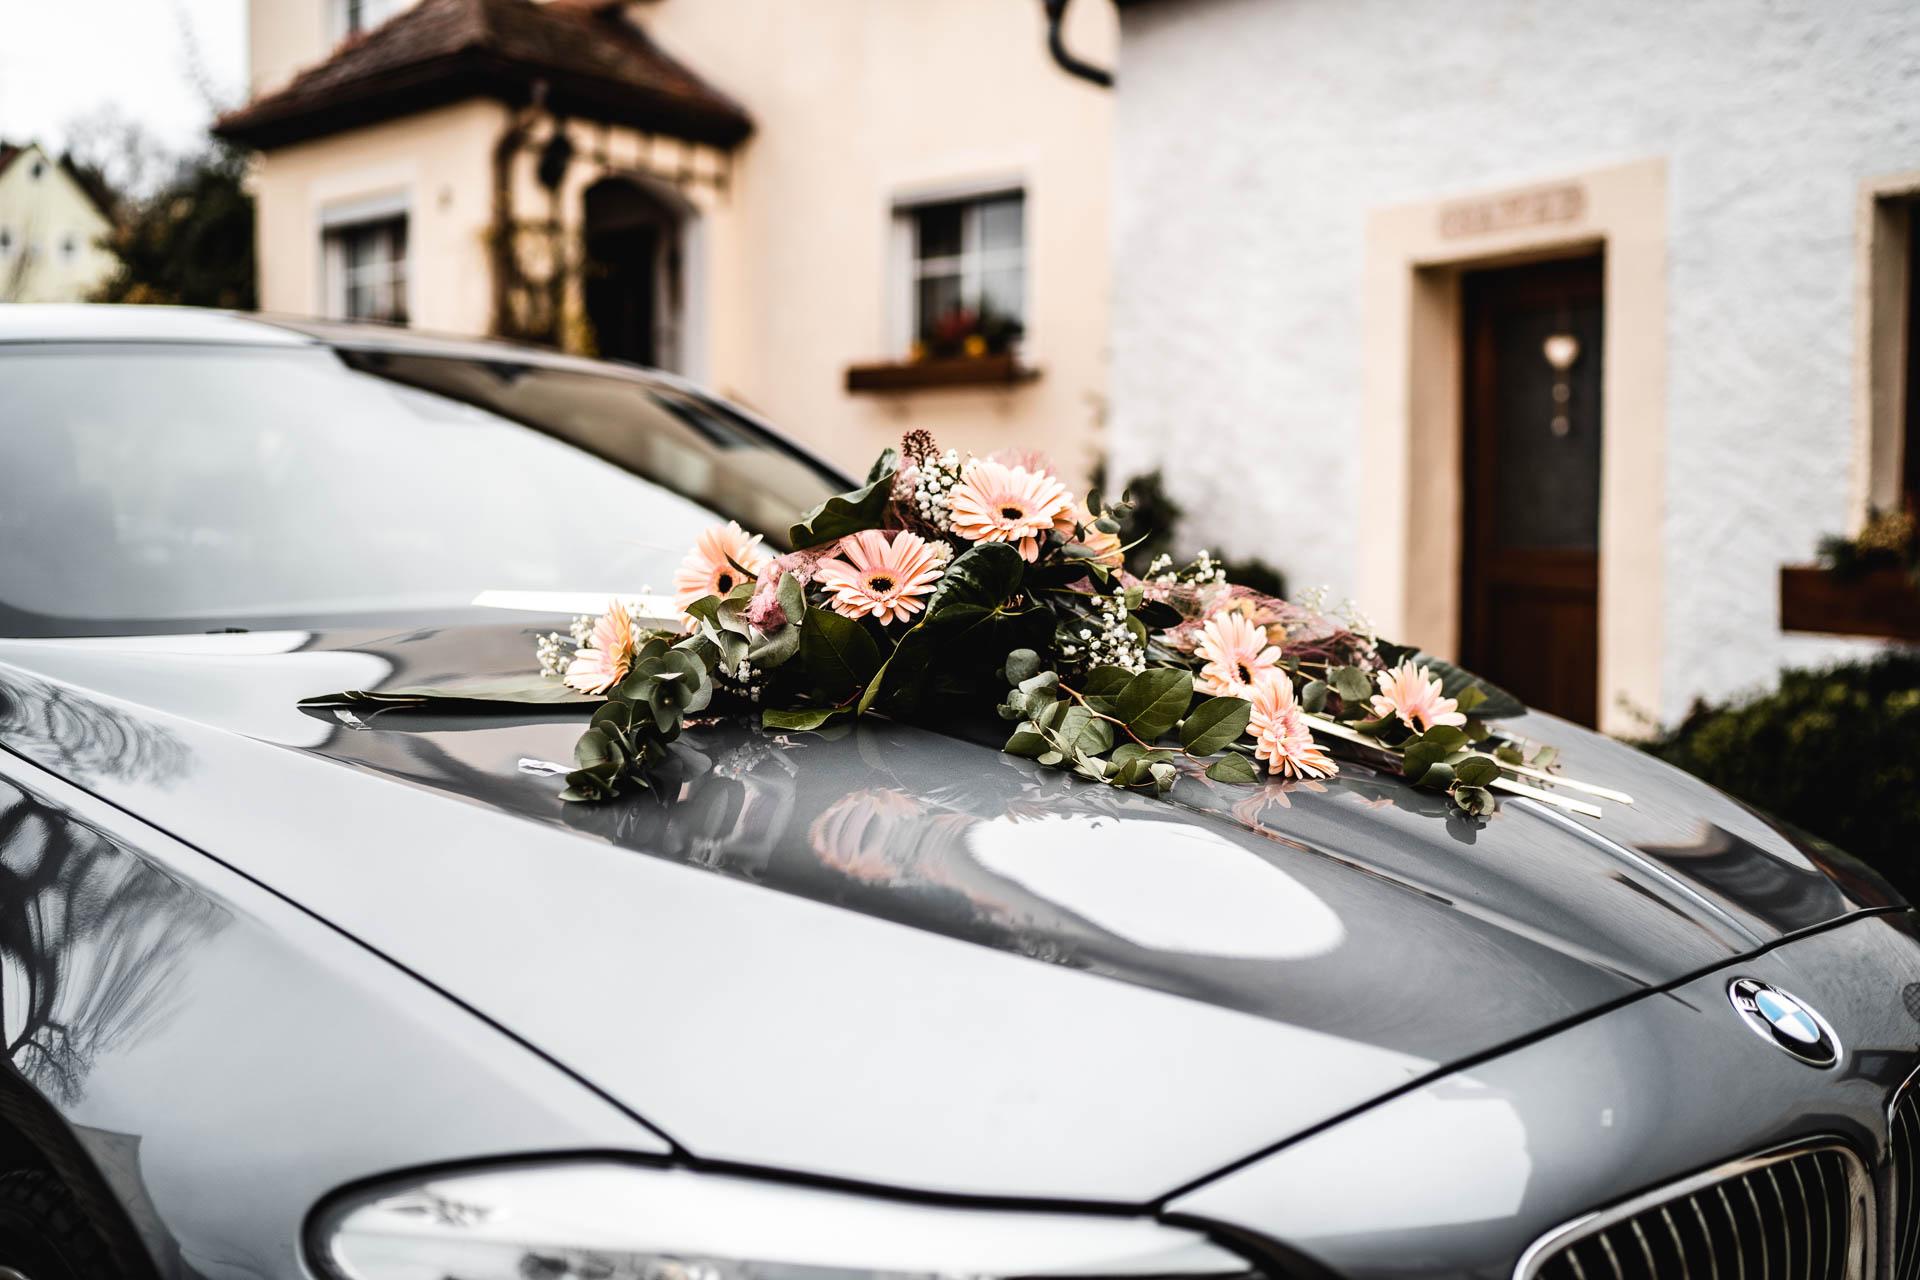 Motorhaube Blumenschmuck